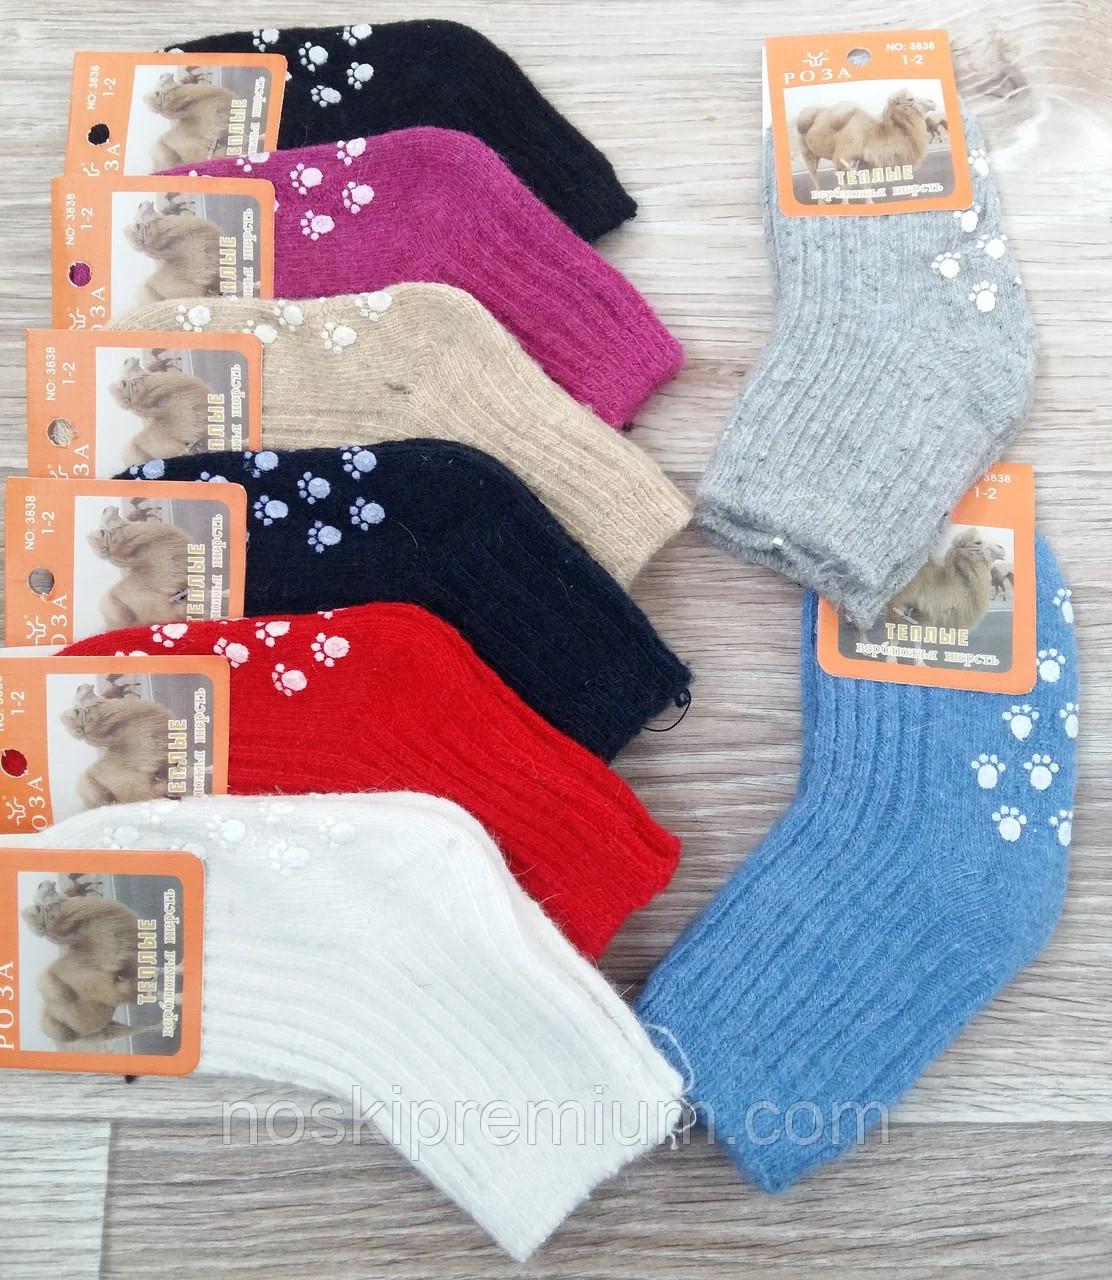 Носочки ангора (носки детские 0-12, 12-24мес)